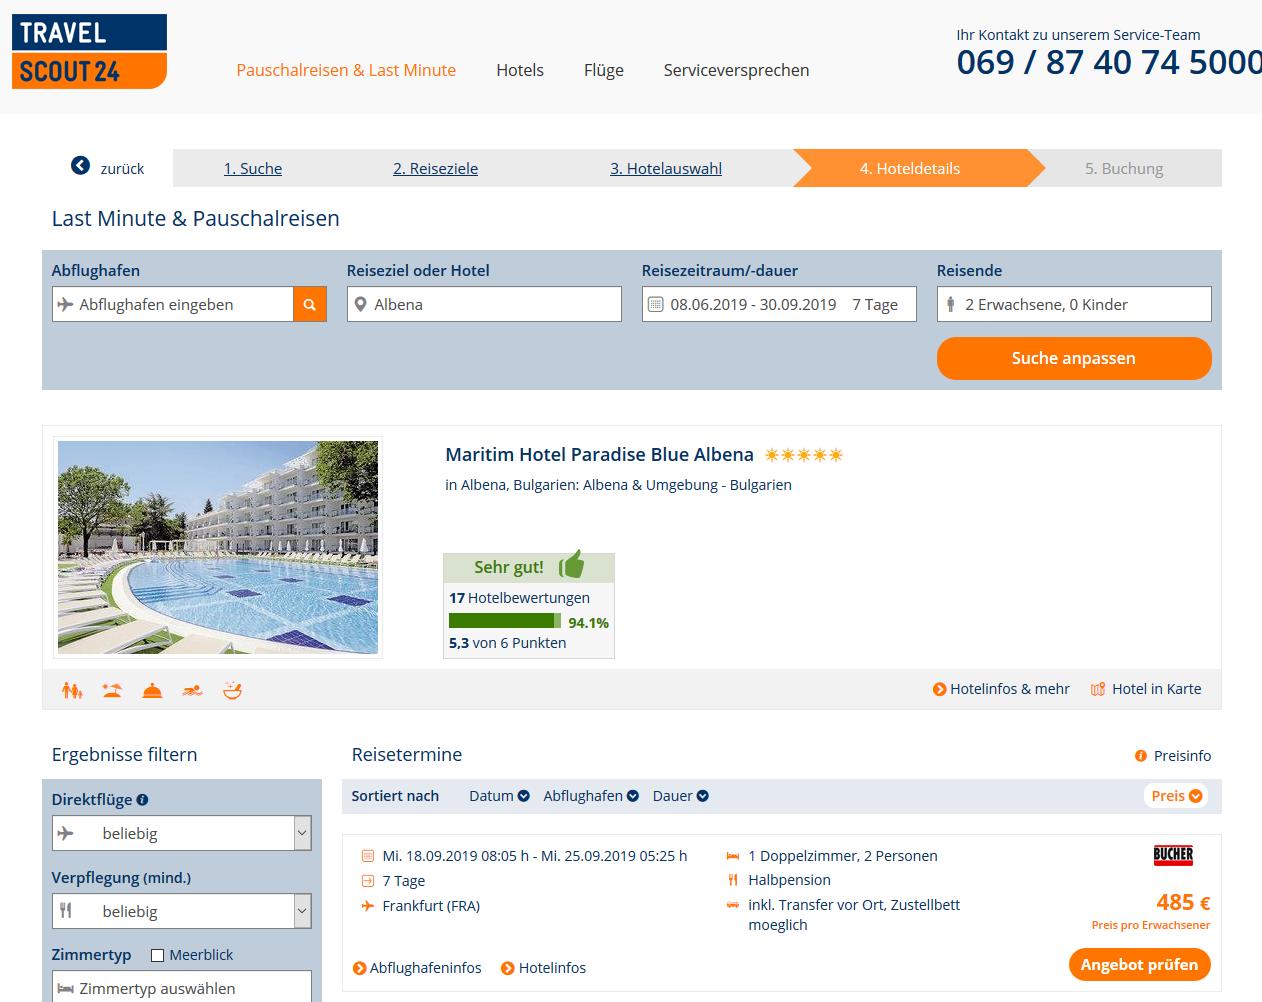 Maritim Hotel Paradise Blue In Albena Luxusurlaub In